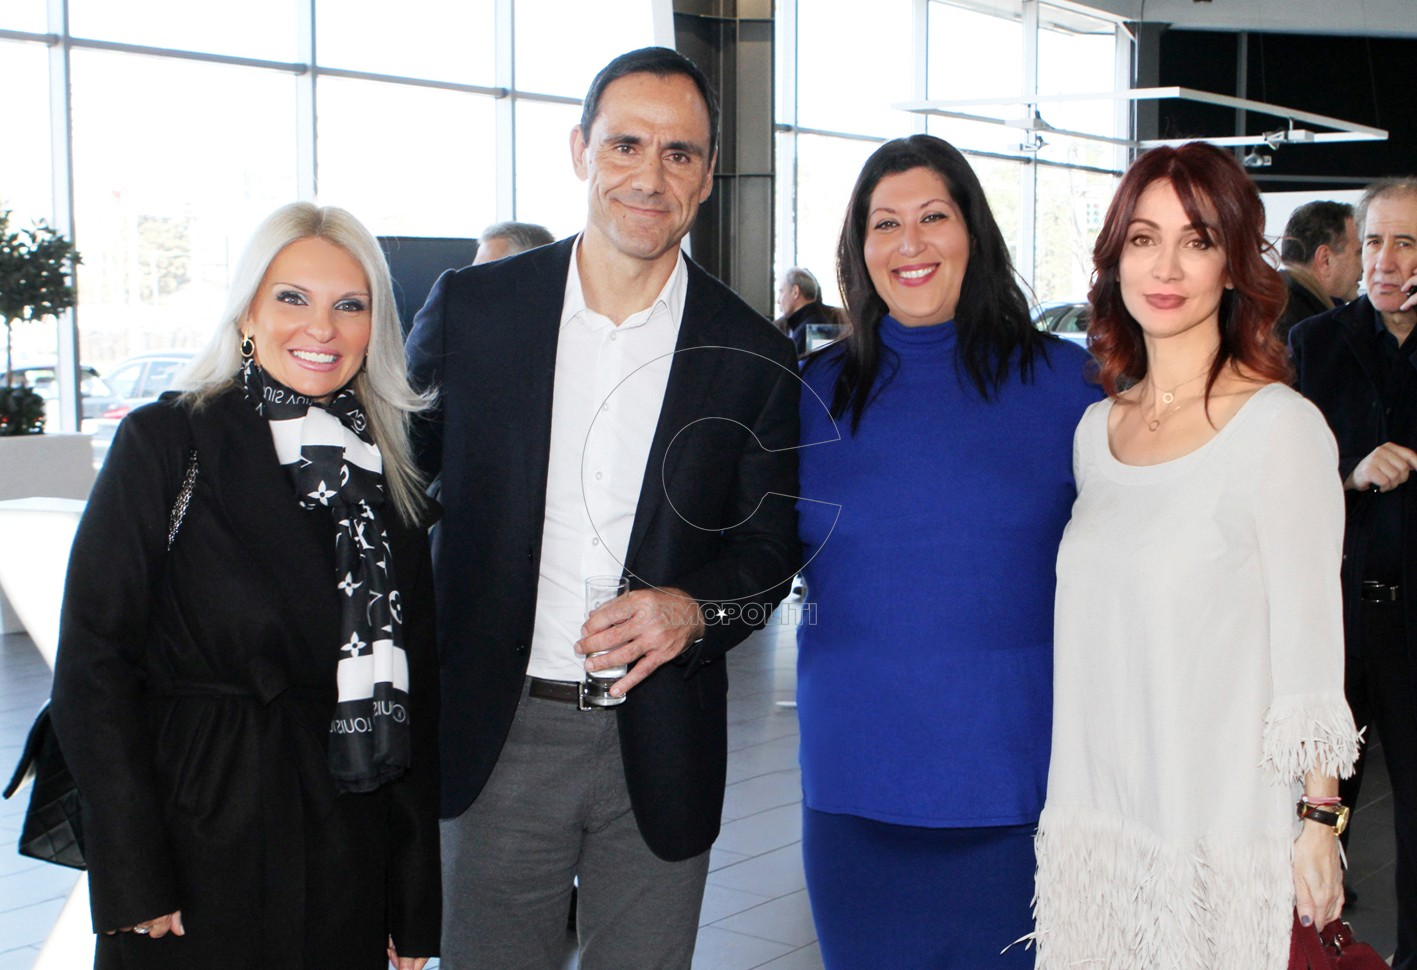 6 Ο Γιώργος Βασιλάκης Δ-νων Σύμβουλος της Βελμάρ με τις Σαλίνα Τσάνα, Δώρα Αντωνίου Υπ. Marketing της BMW Βελμάρ & Μένια Ιωαννίδου